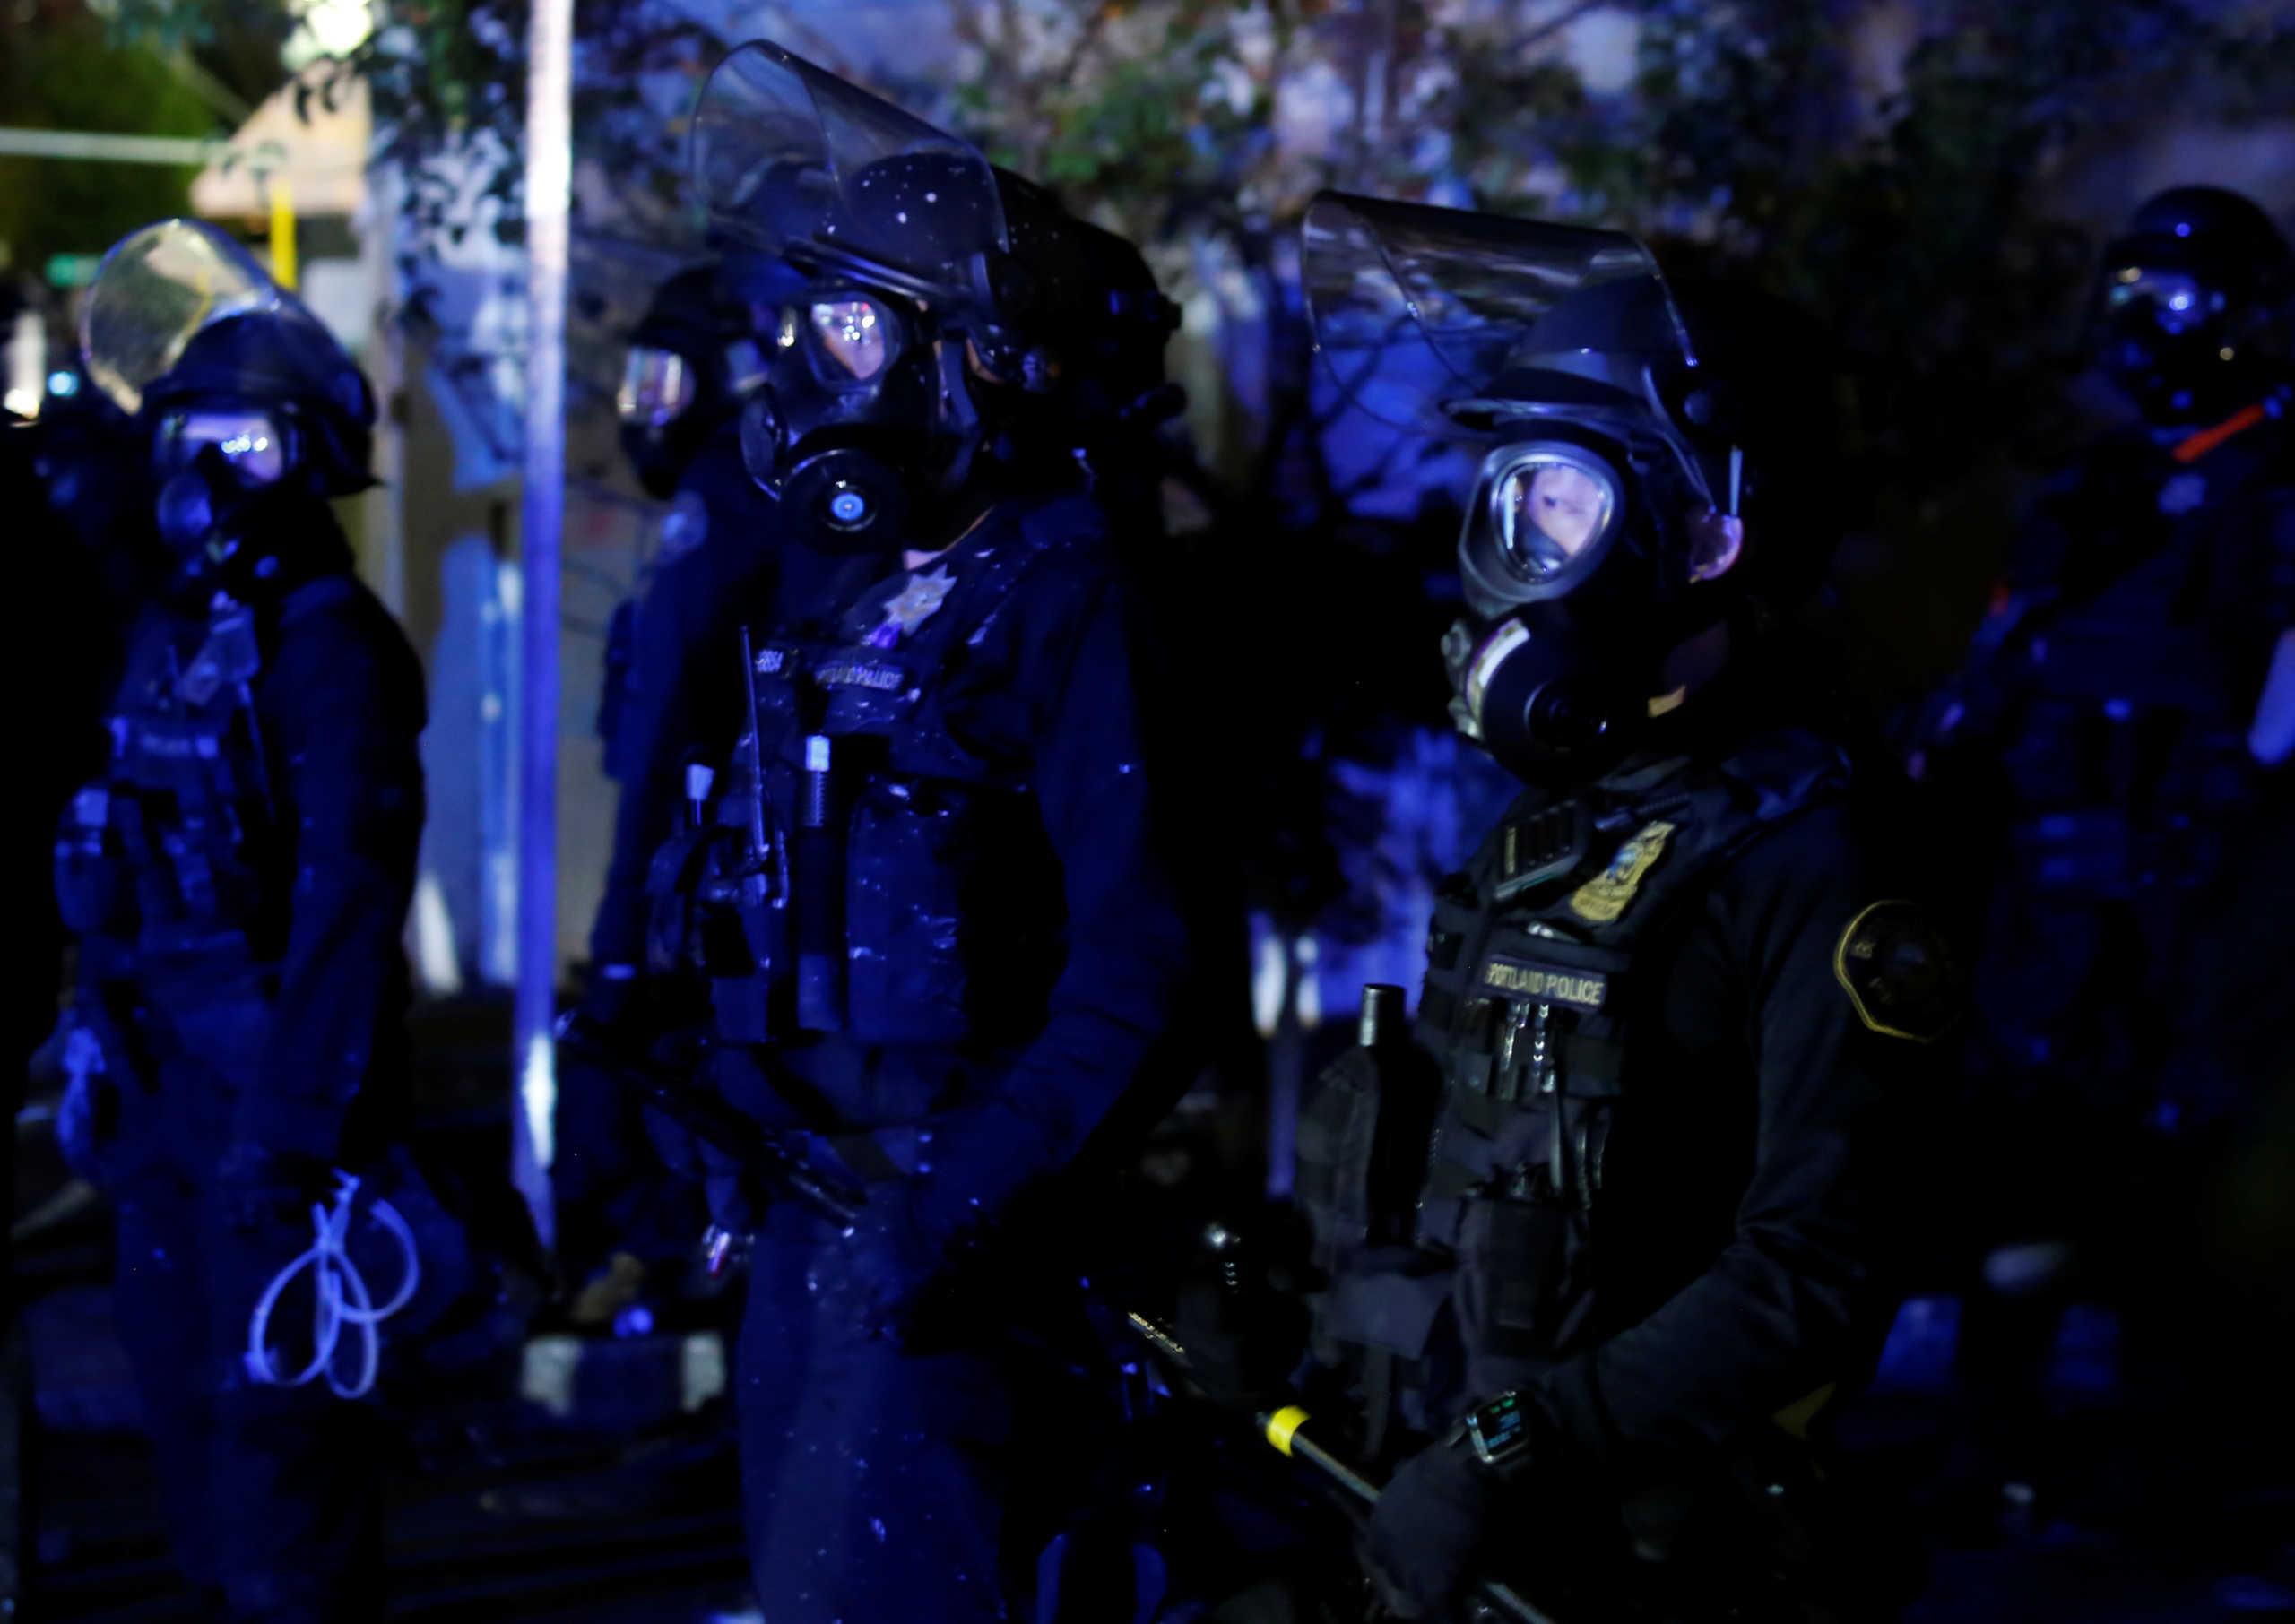 Συγκέντρωση ακροδεξιών Proud Boys στο Πόρτλαντ – Φόβοι για επεισόδια και συγκρούσεις